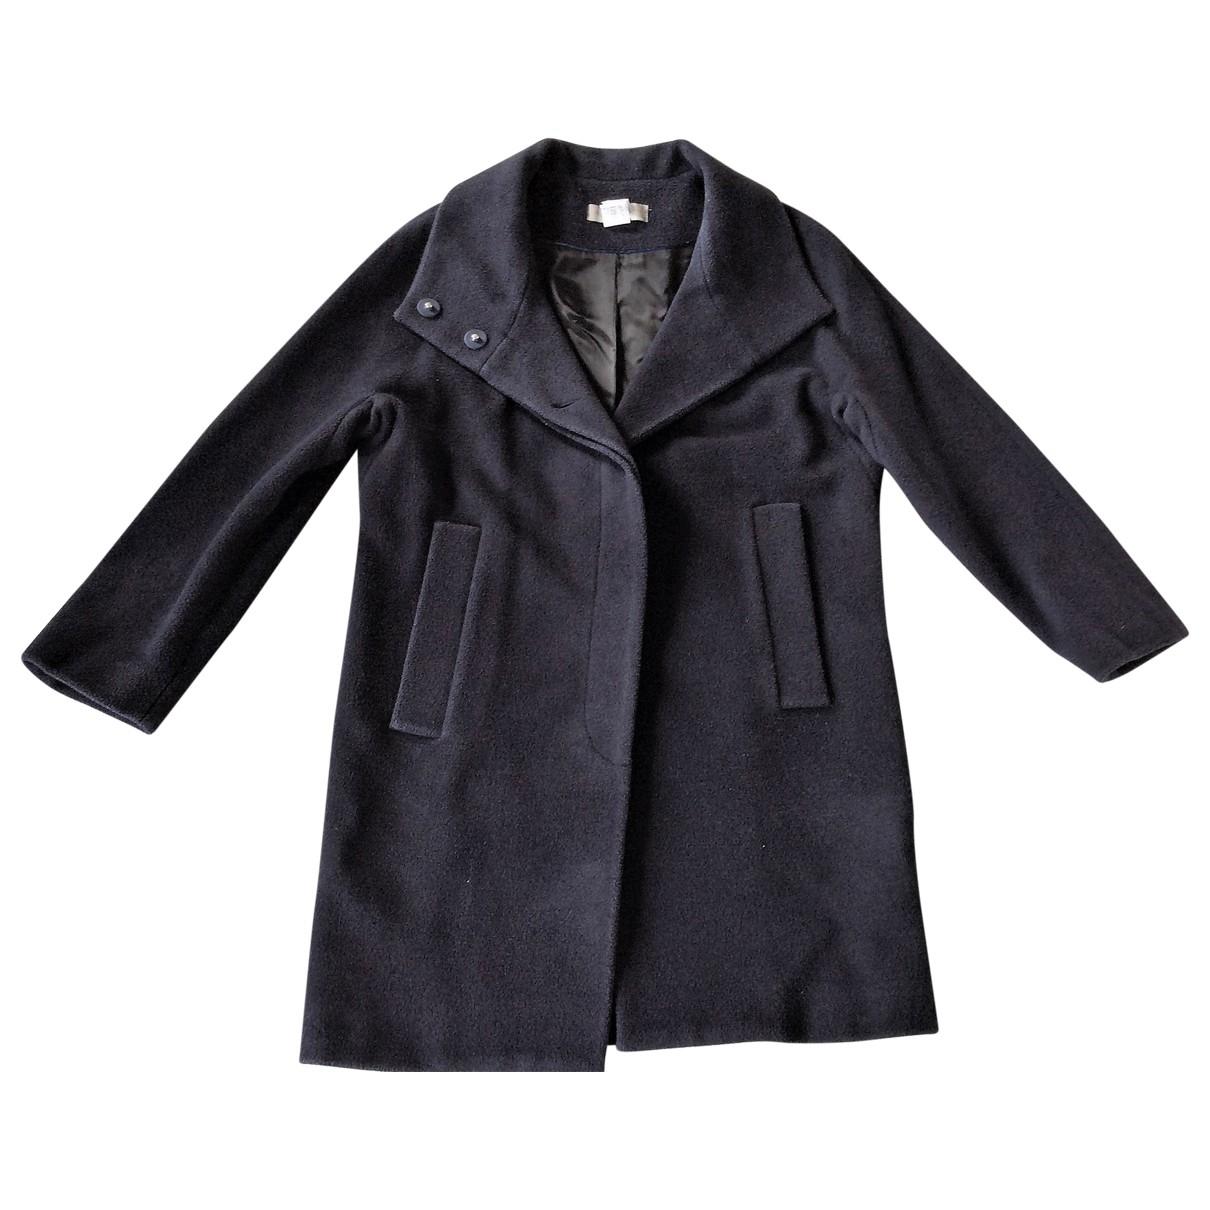 Uterque - Manteau   pour femme en laine - marine